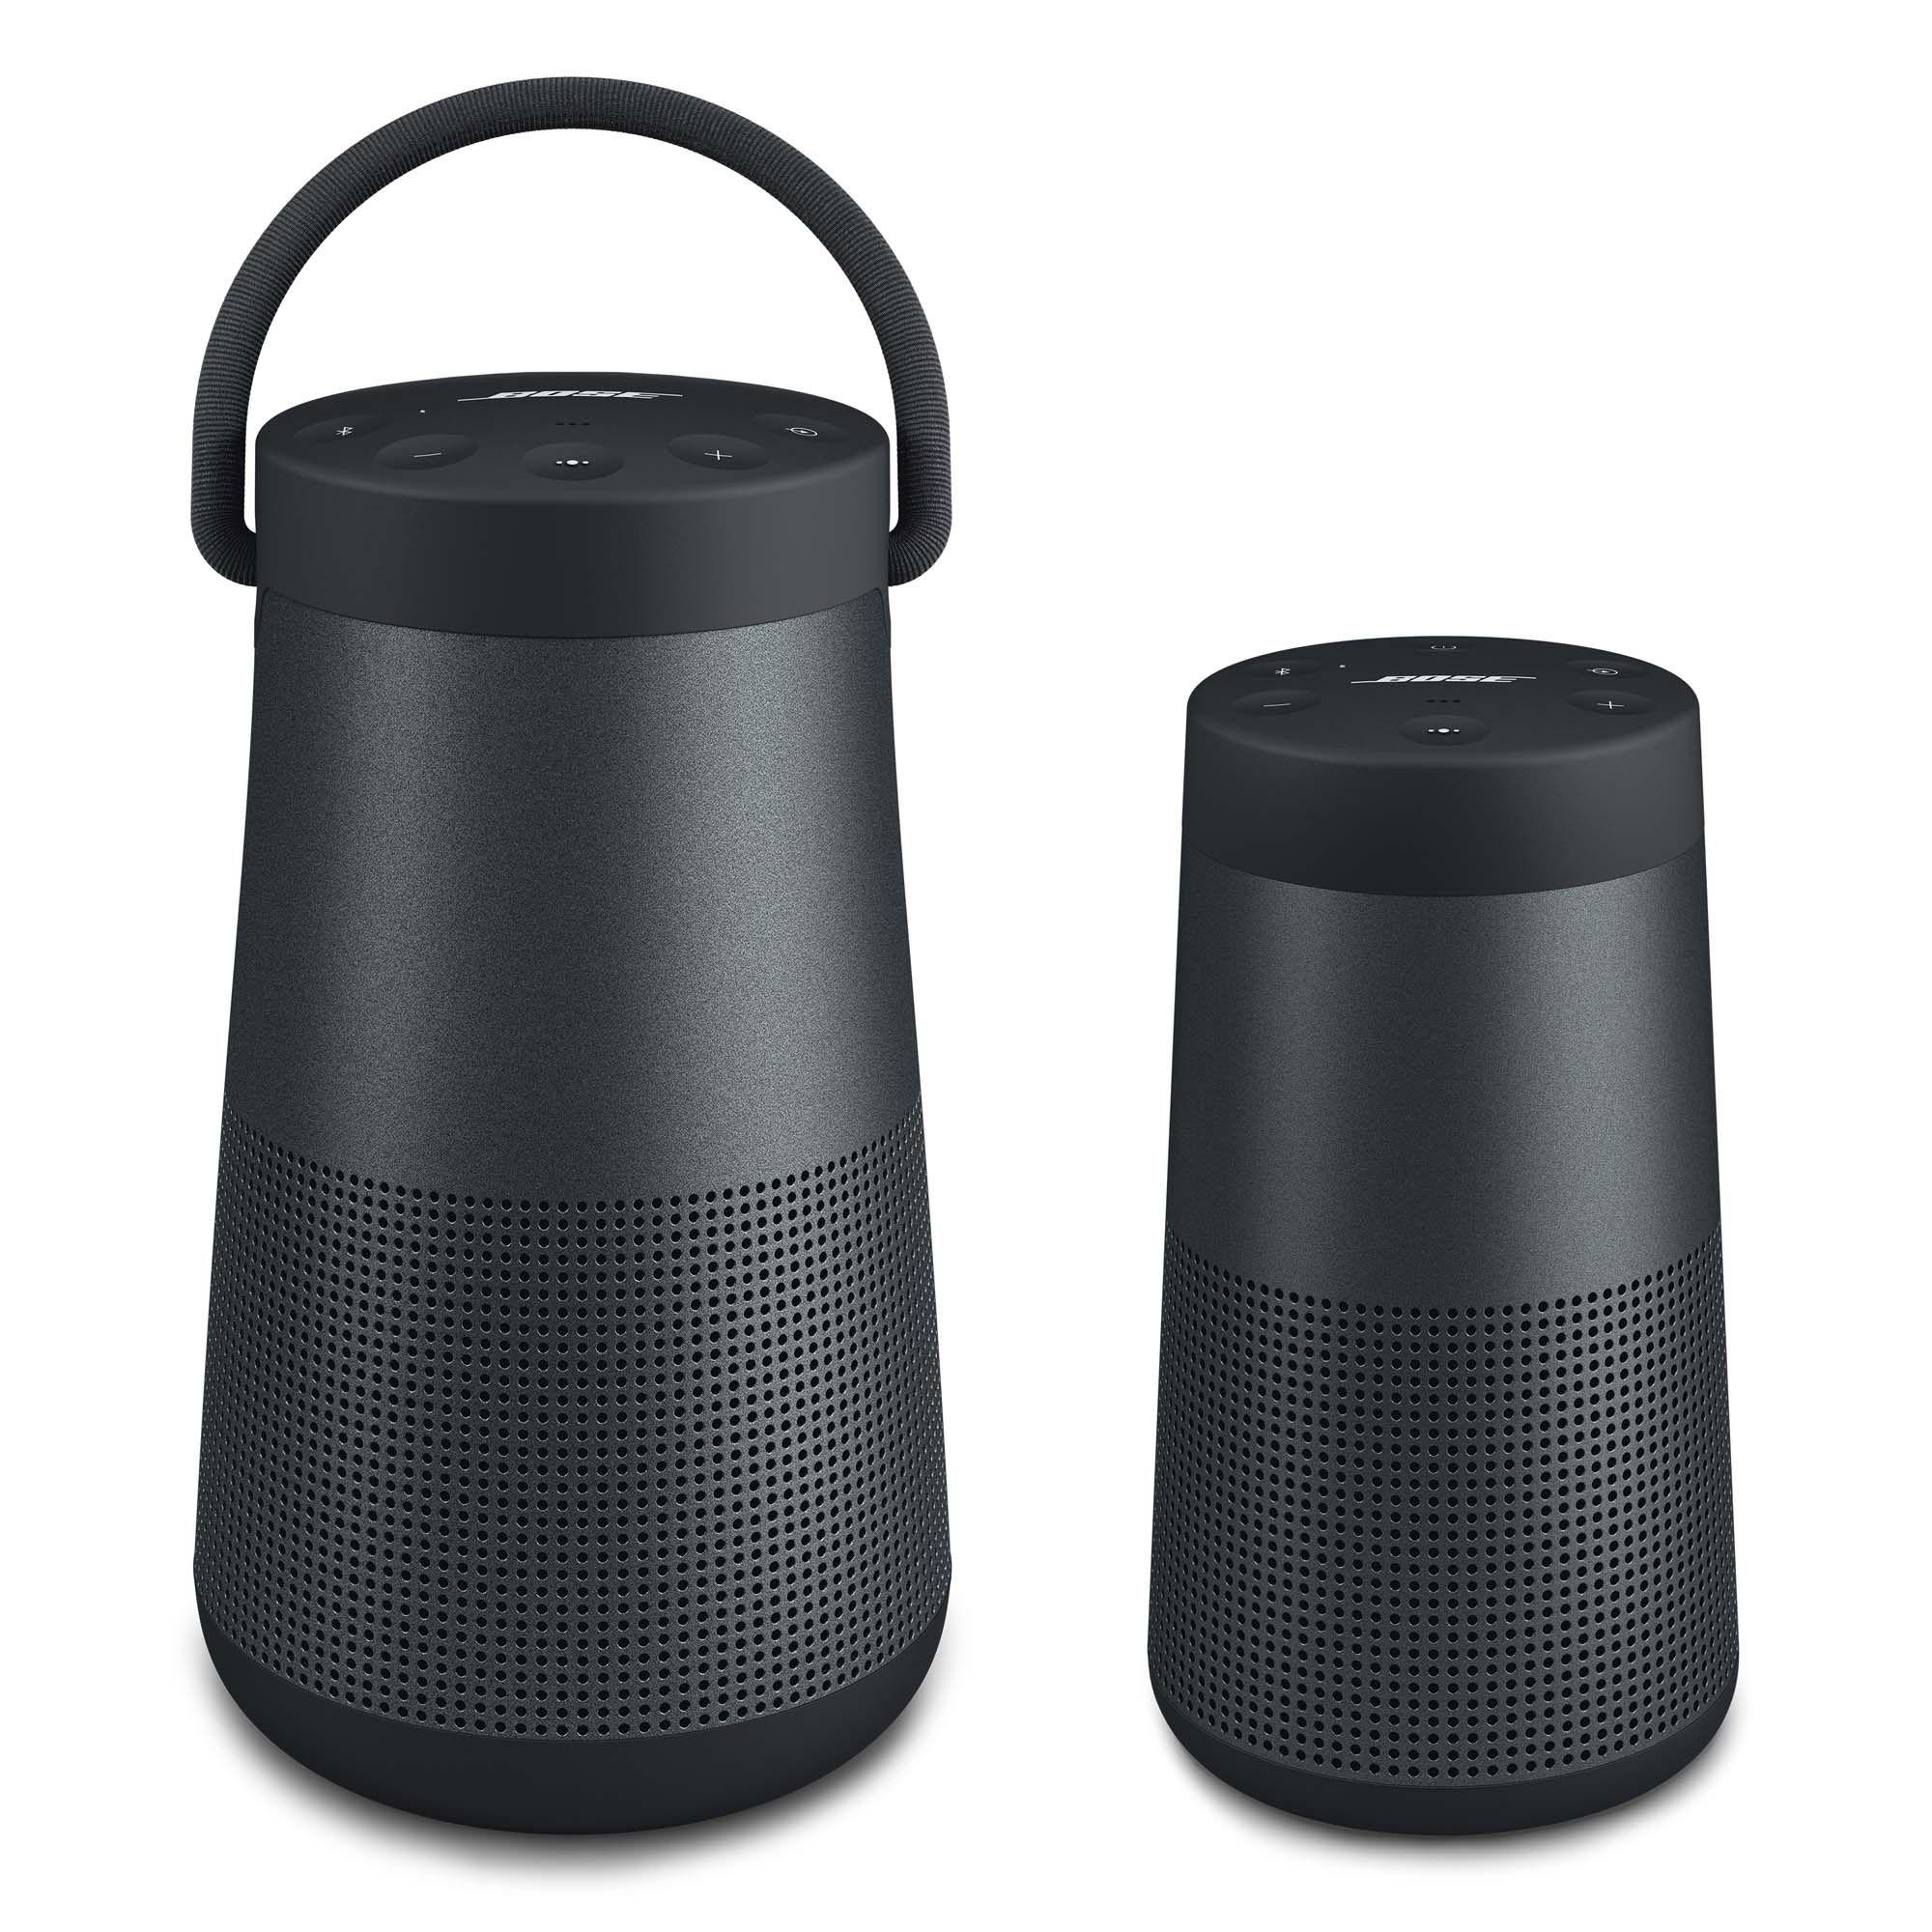 更強大的 BOSE SoundLink® Revolve 藍牙揚聲器來了